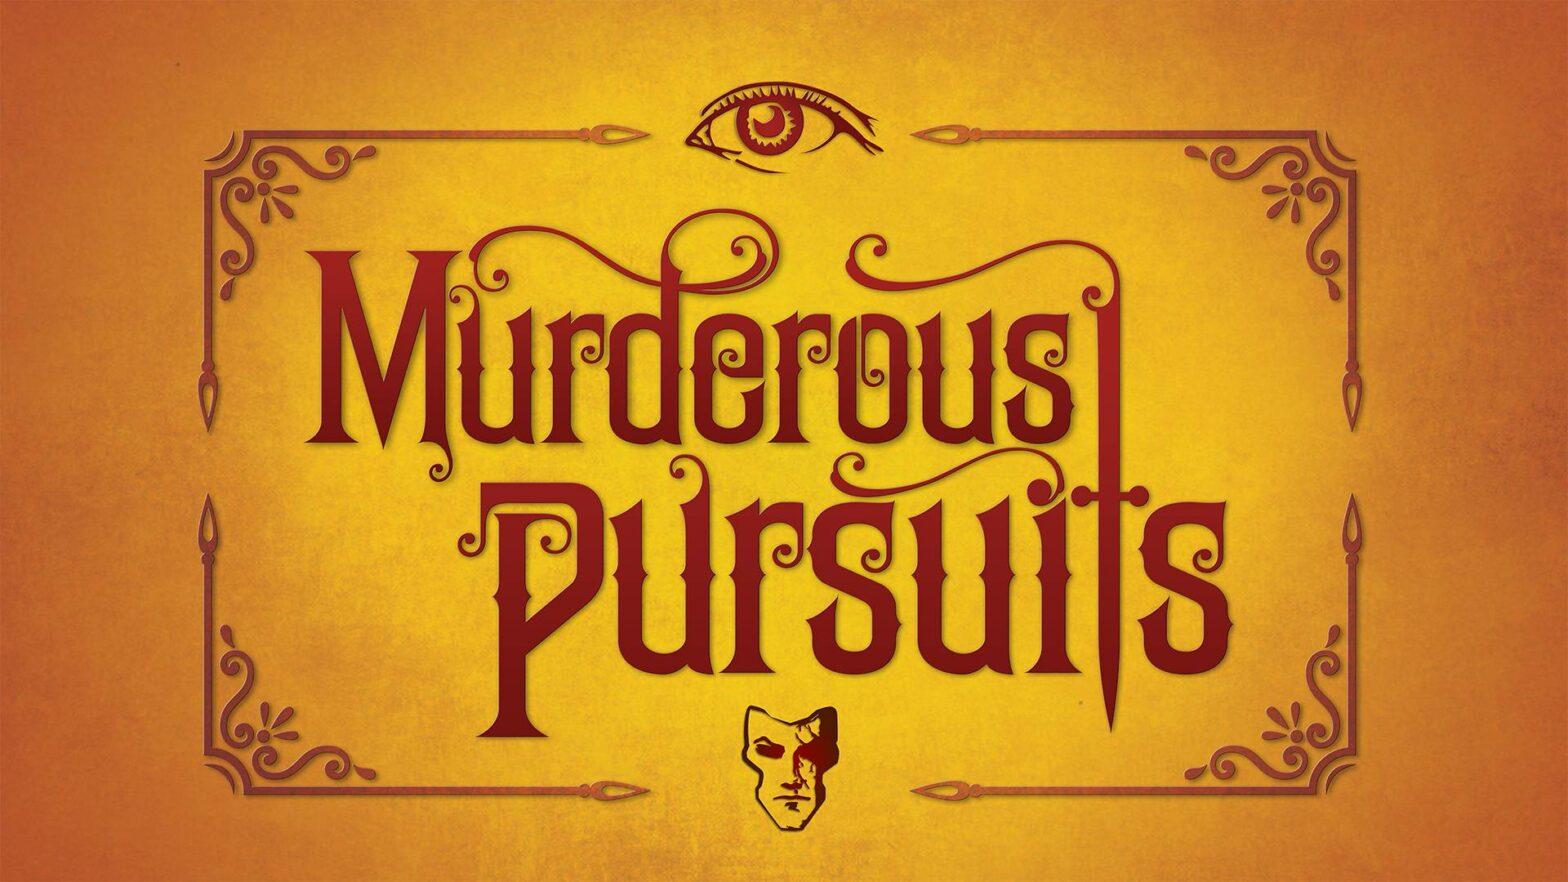 Murderous Pursuits: Mord ist ihr Hobby